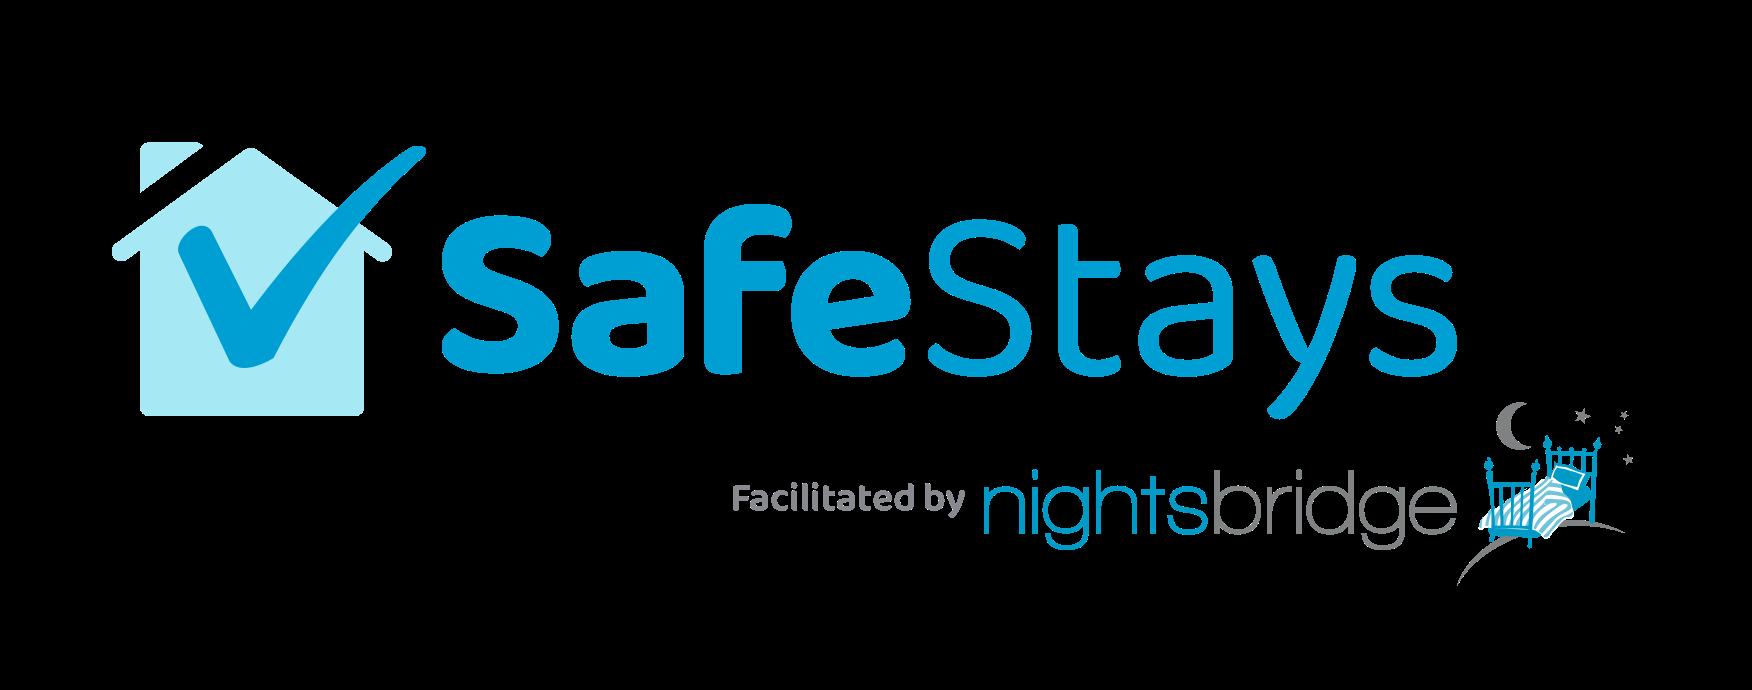 SafeStays